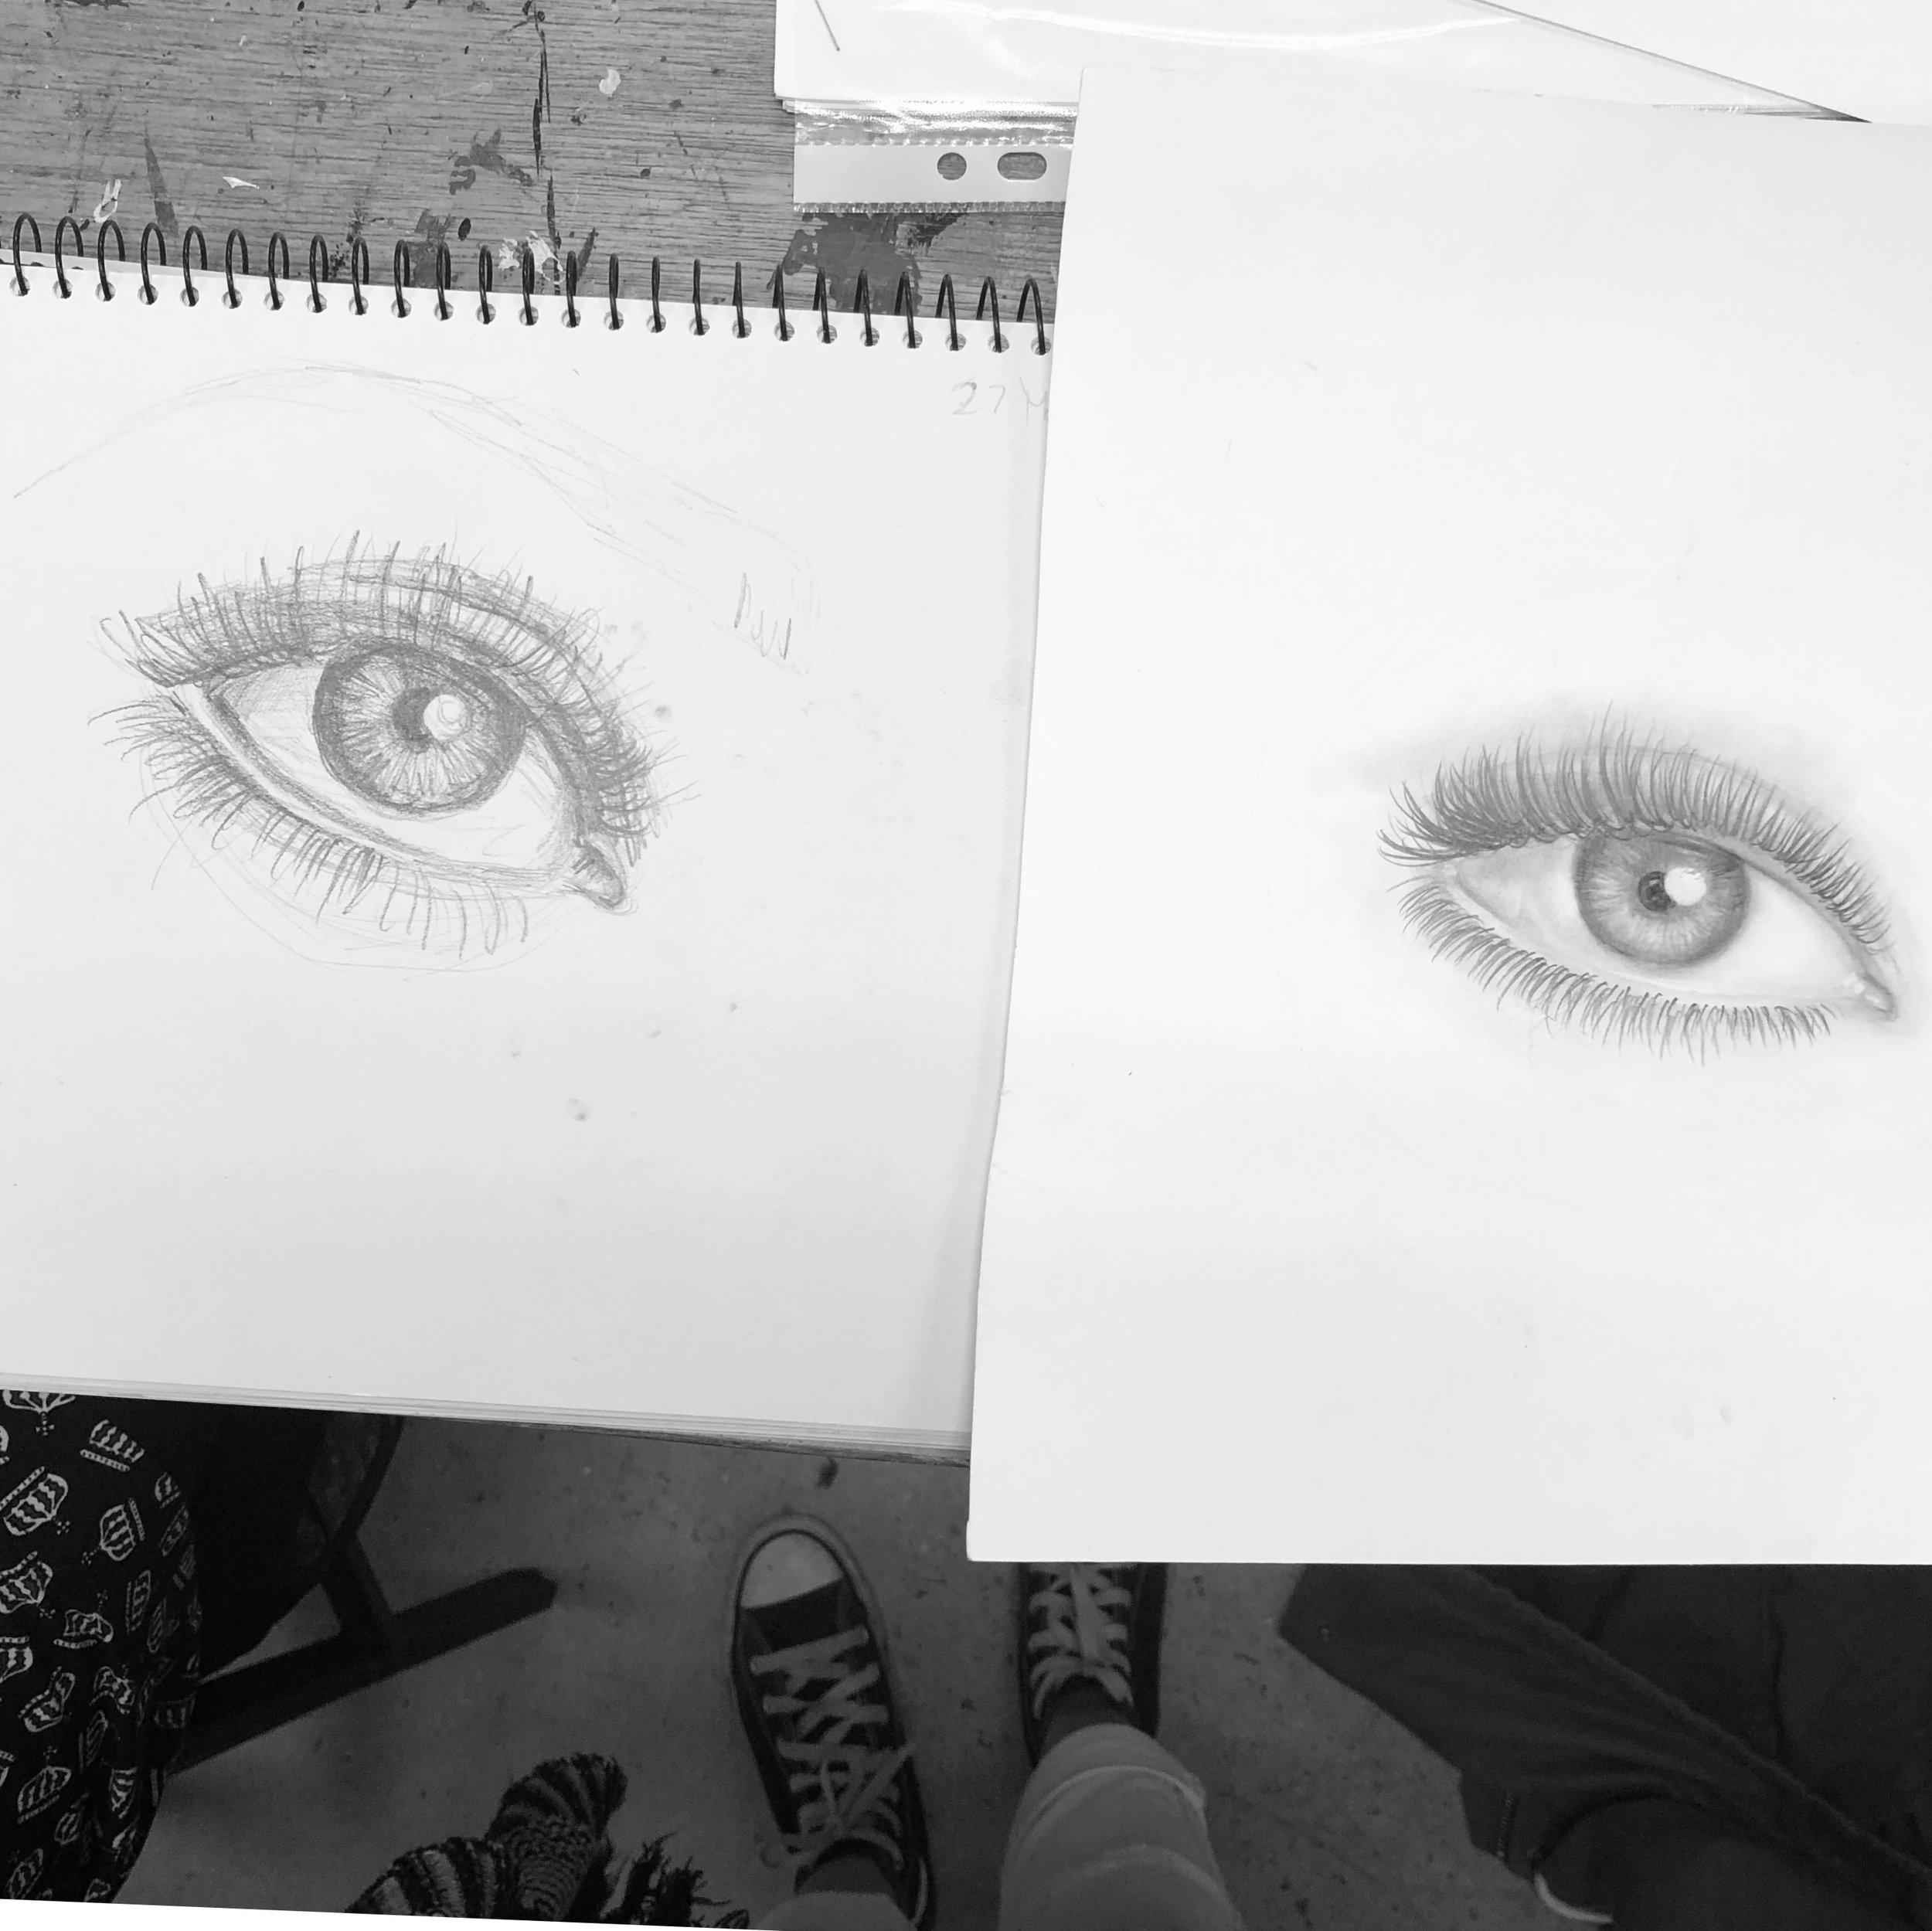 Eye Drawing - Week 1 Vs Week 6